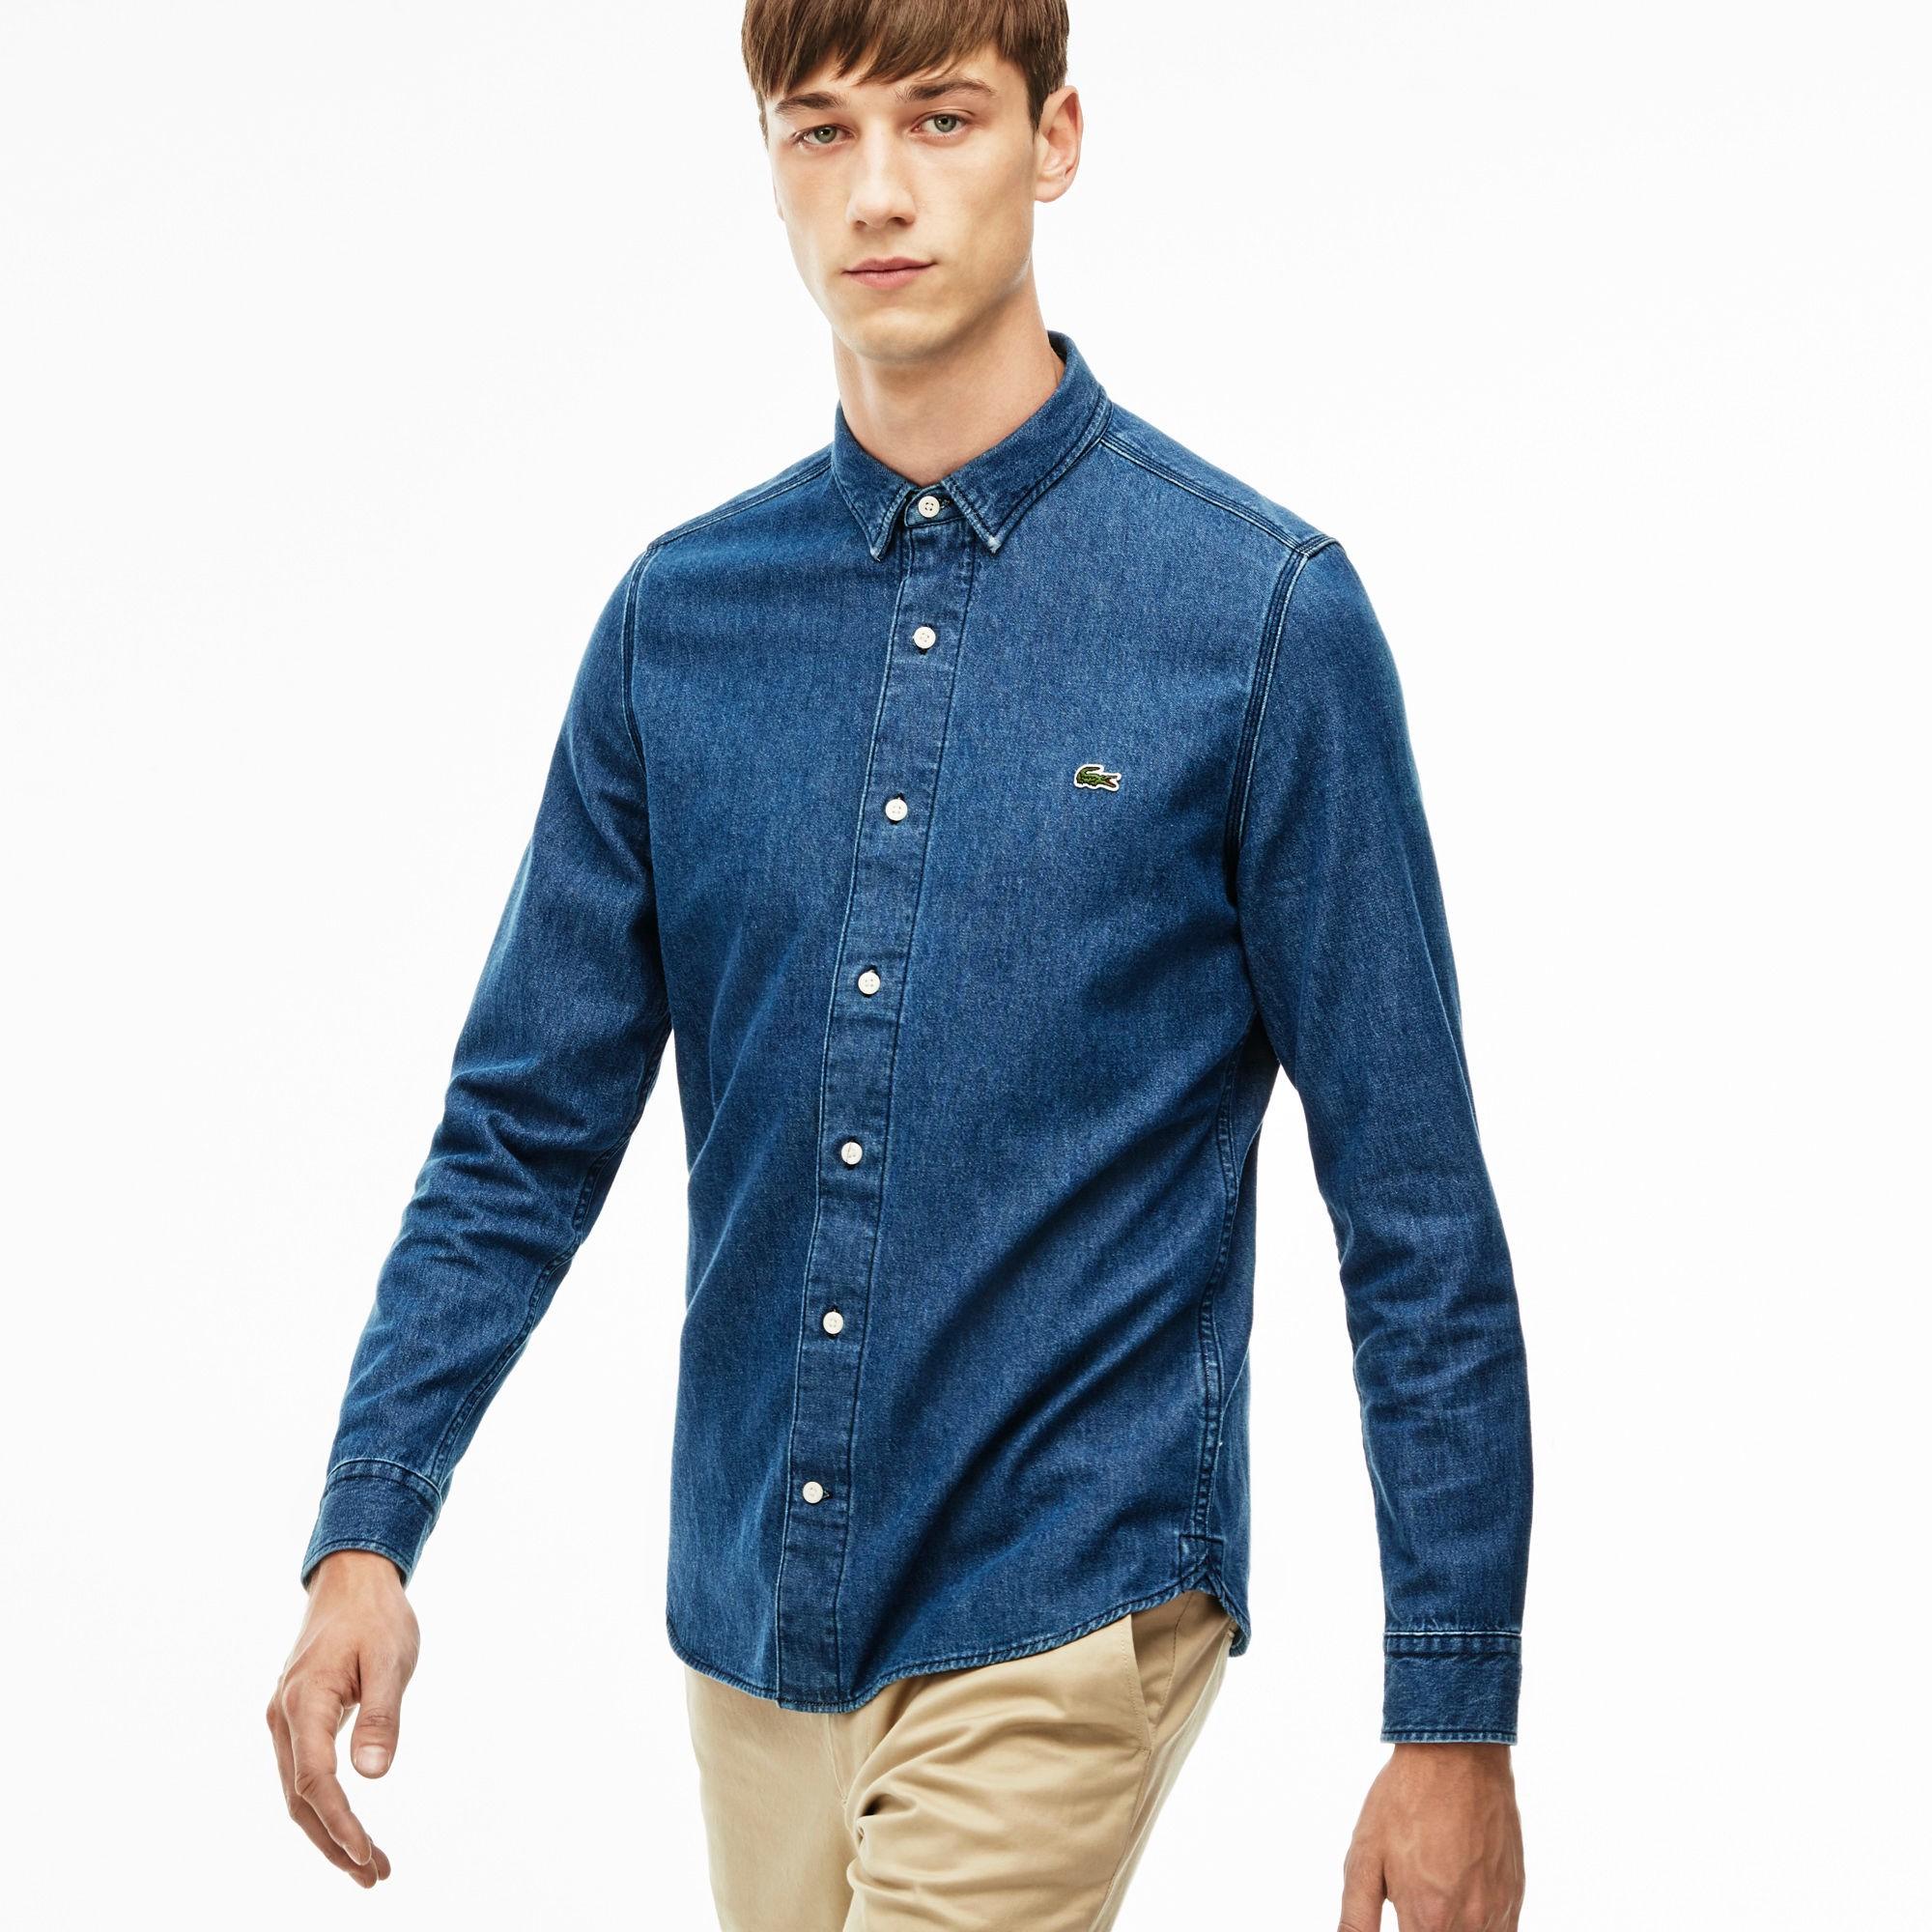 f0c2c0cf27 Men's L!Ve Slim Fit Pocket Denim Shirt